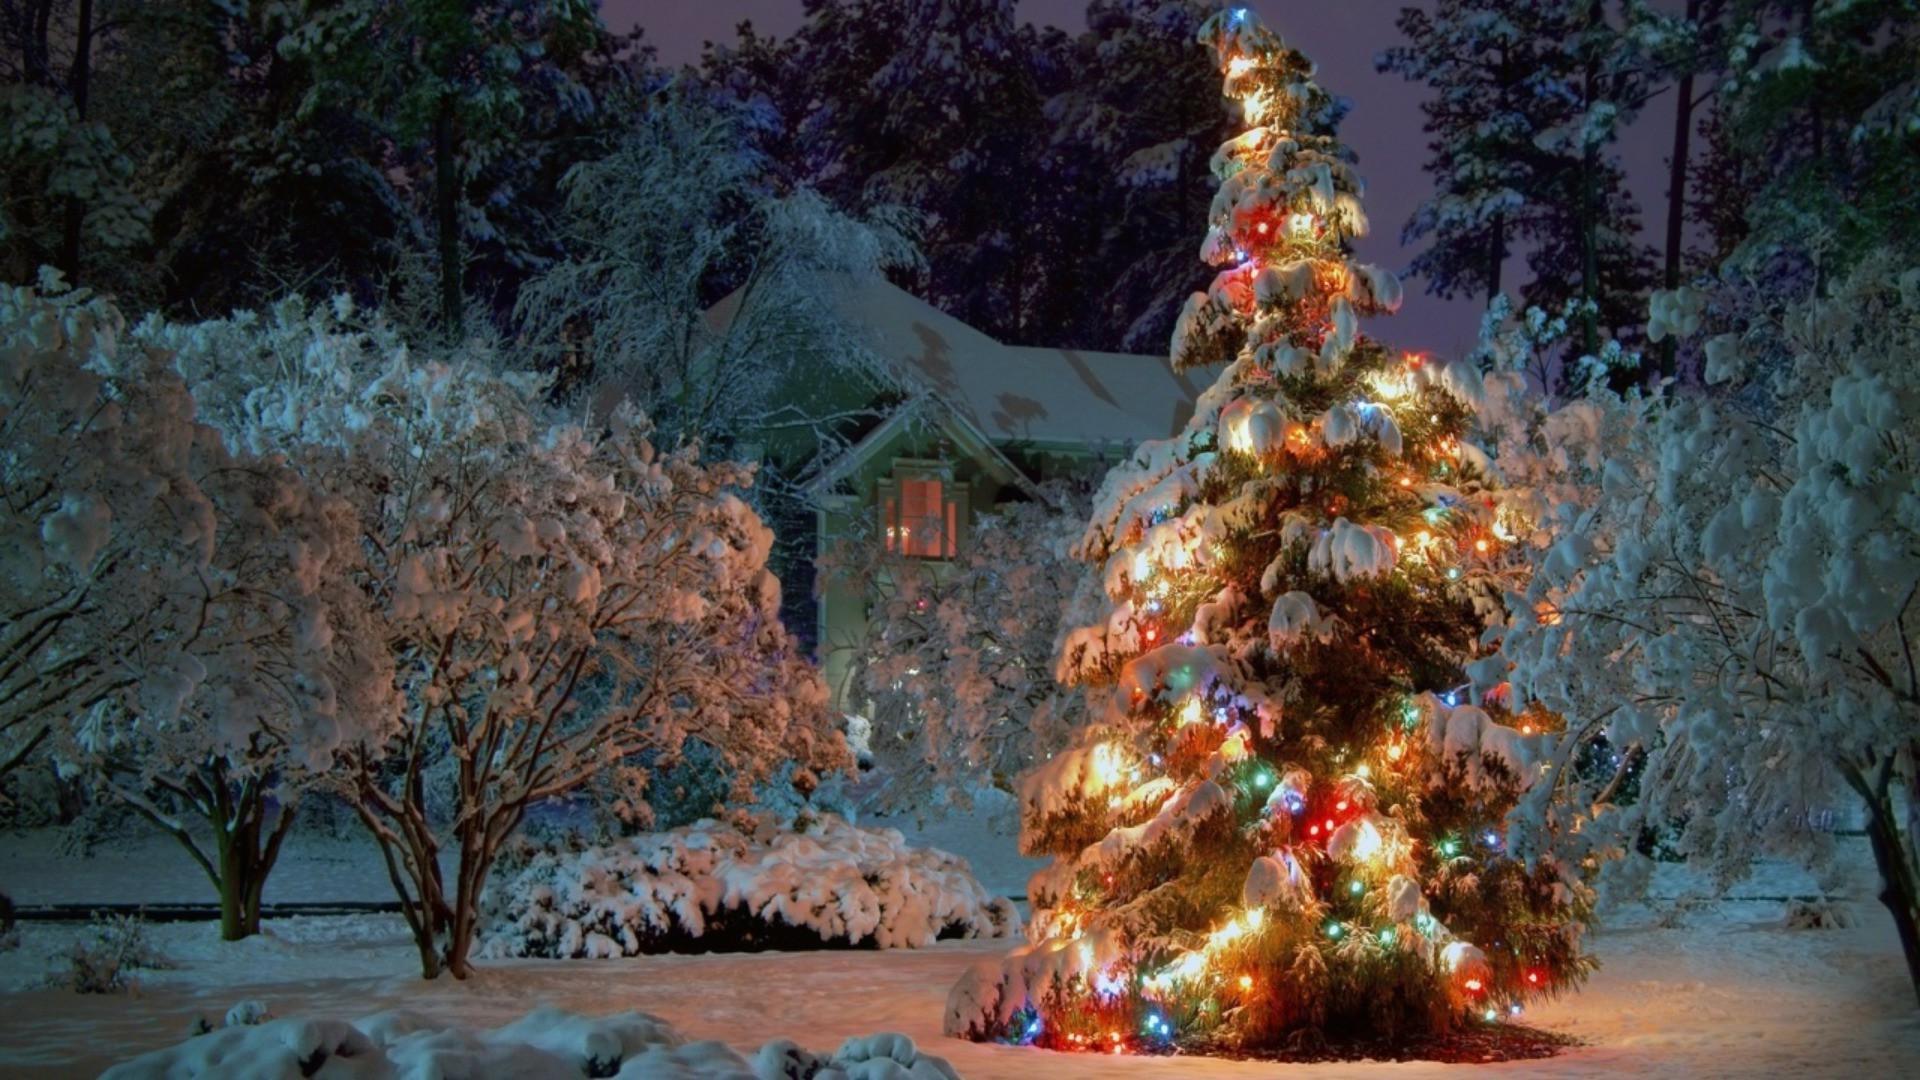 Домик ель огни новый год загрузить